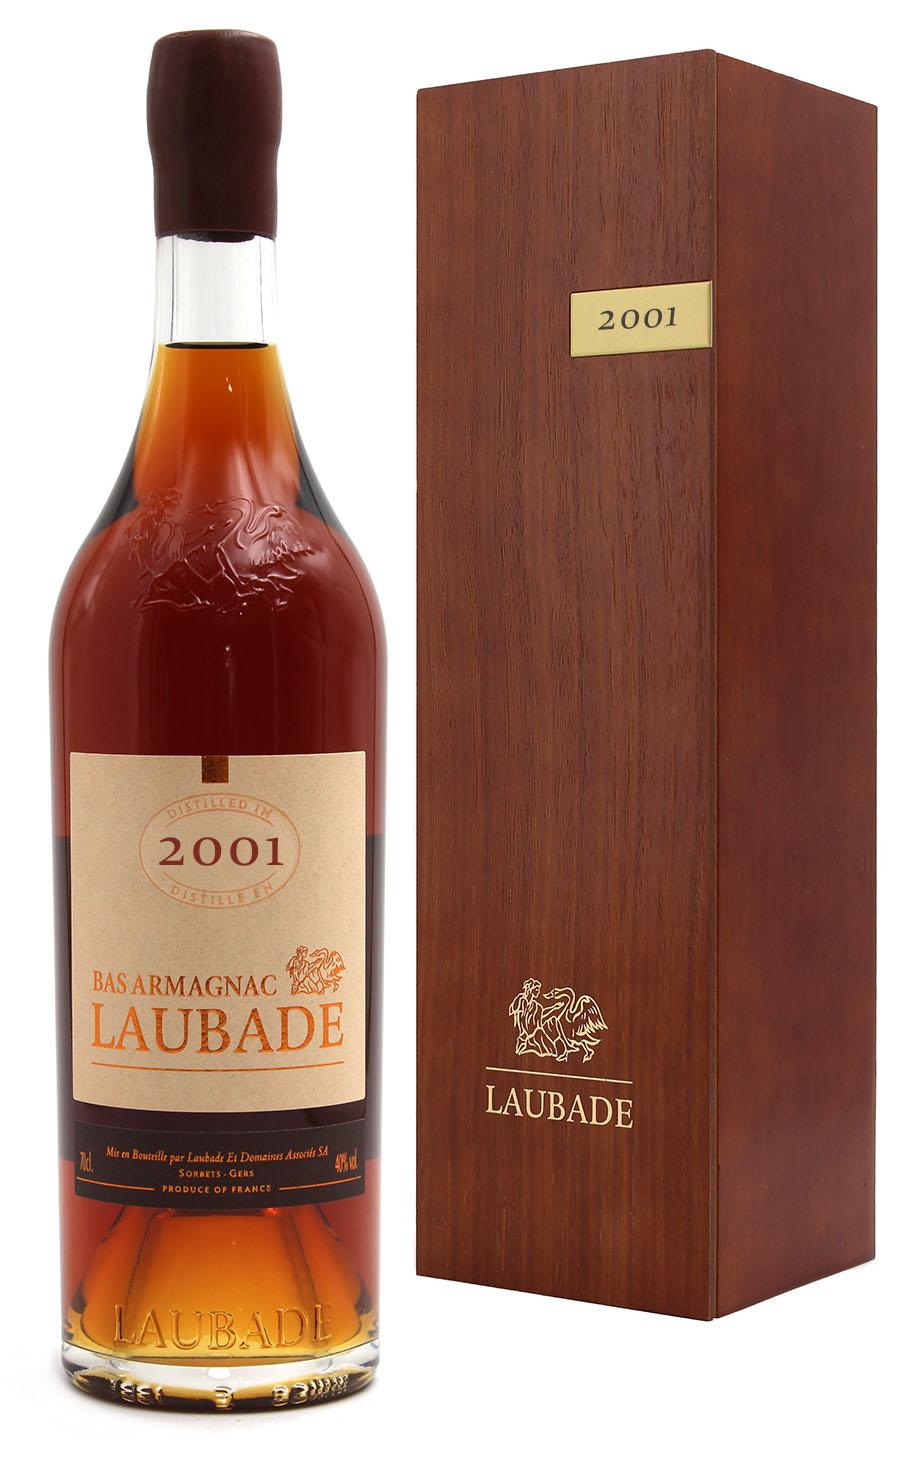 Bas Armagnac Laubade 2001 - 70cl